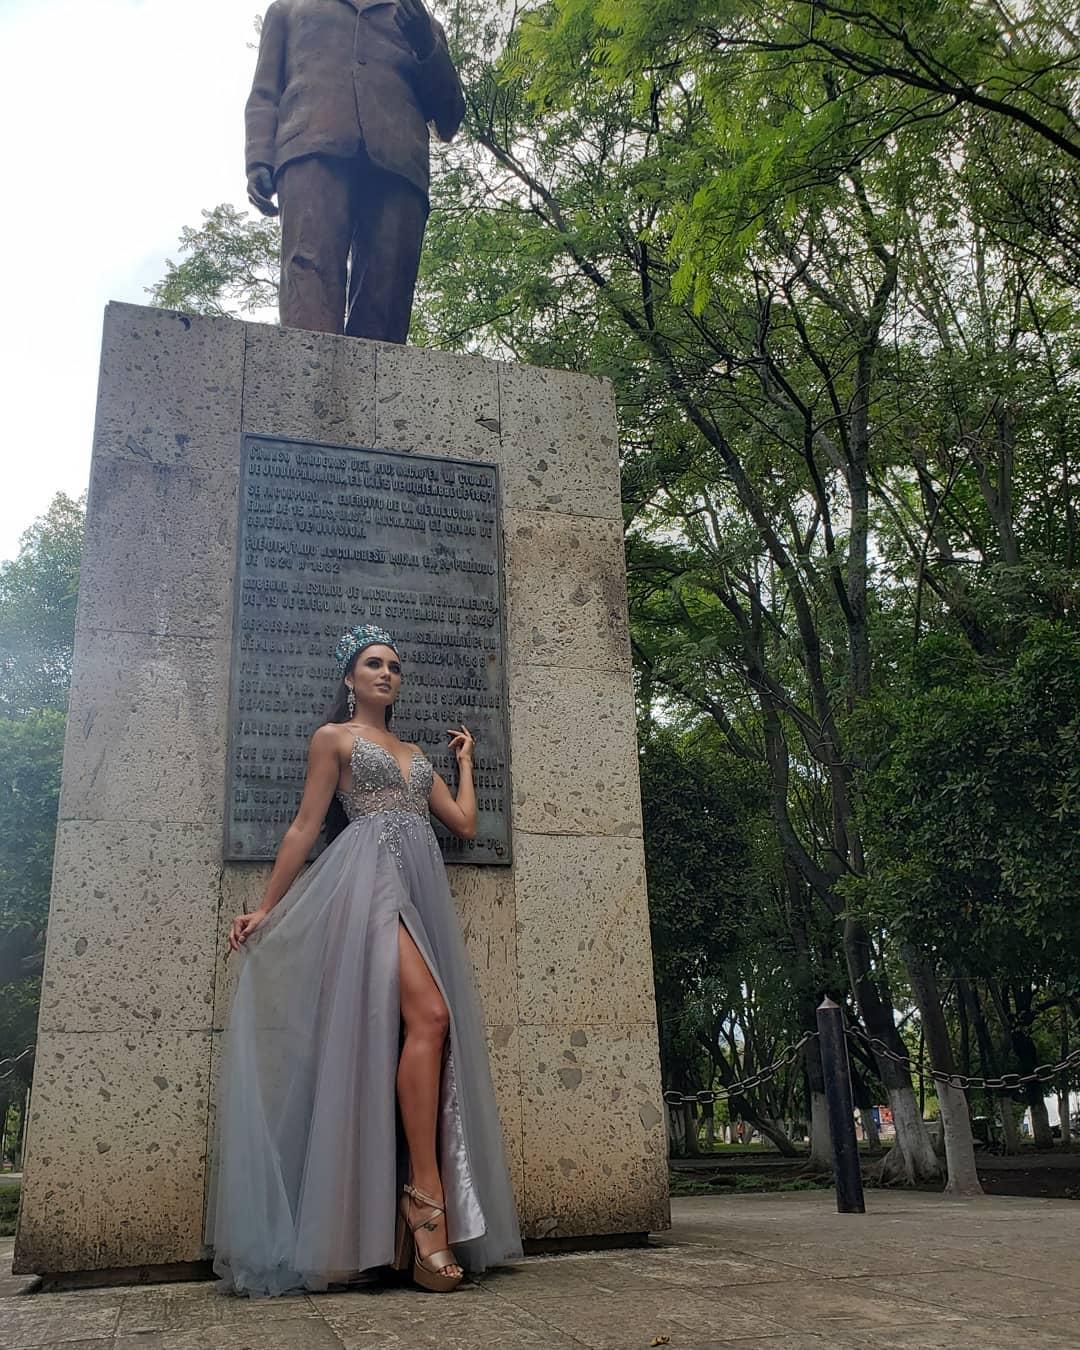 karolina vidales, candidata a miss mexico 2020, representando michoacan. - Página 6 69856011